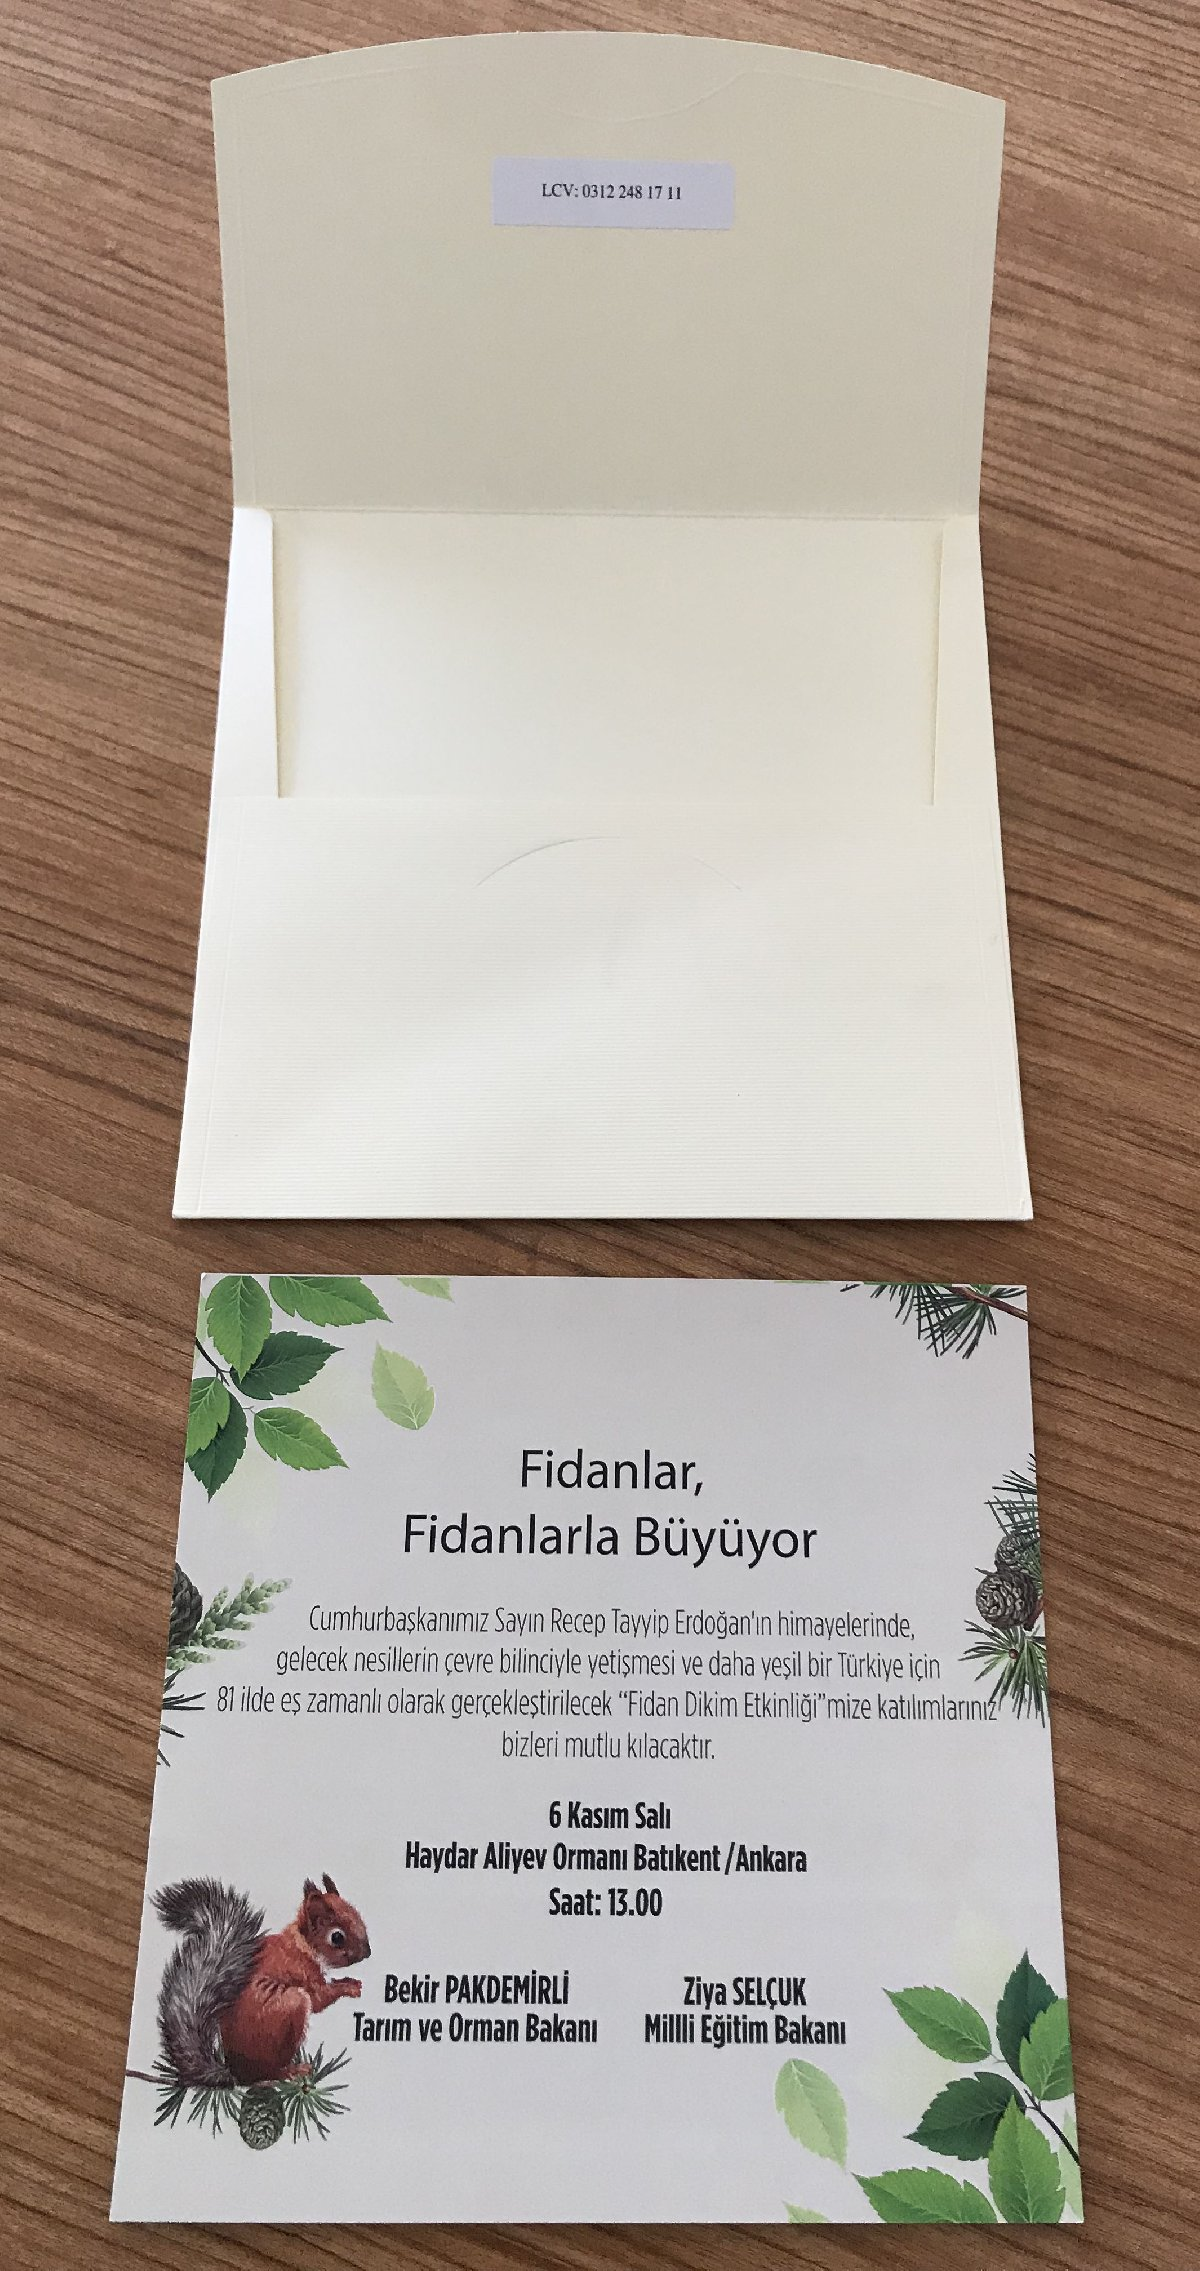 fidan-davetiye1